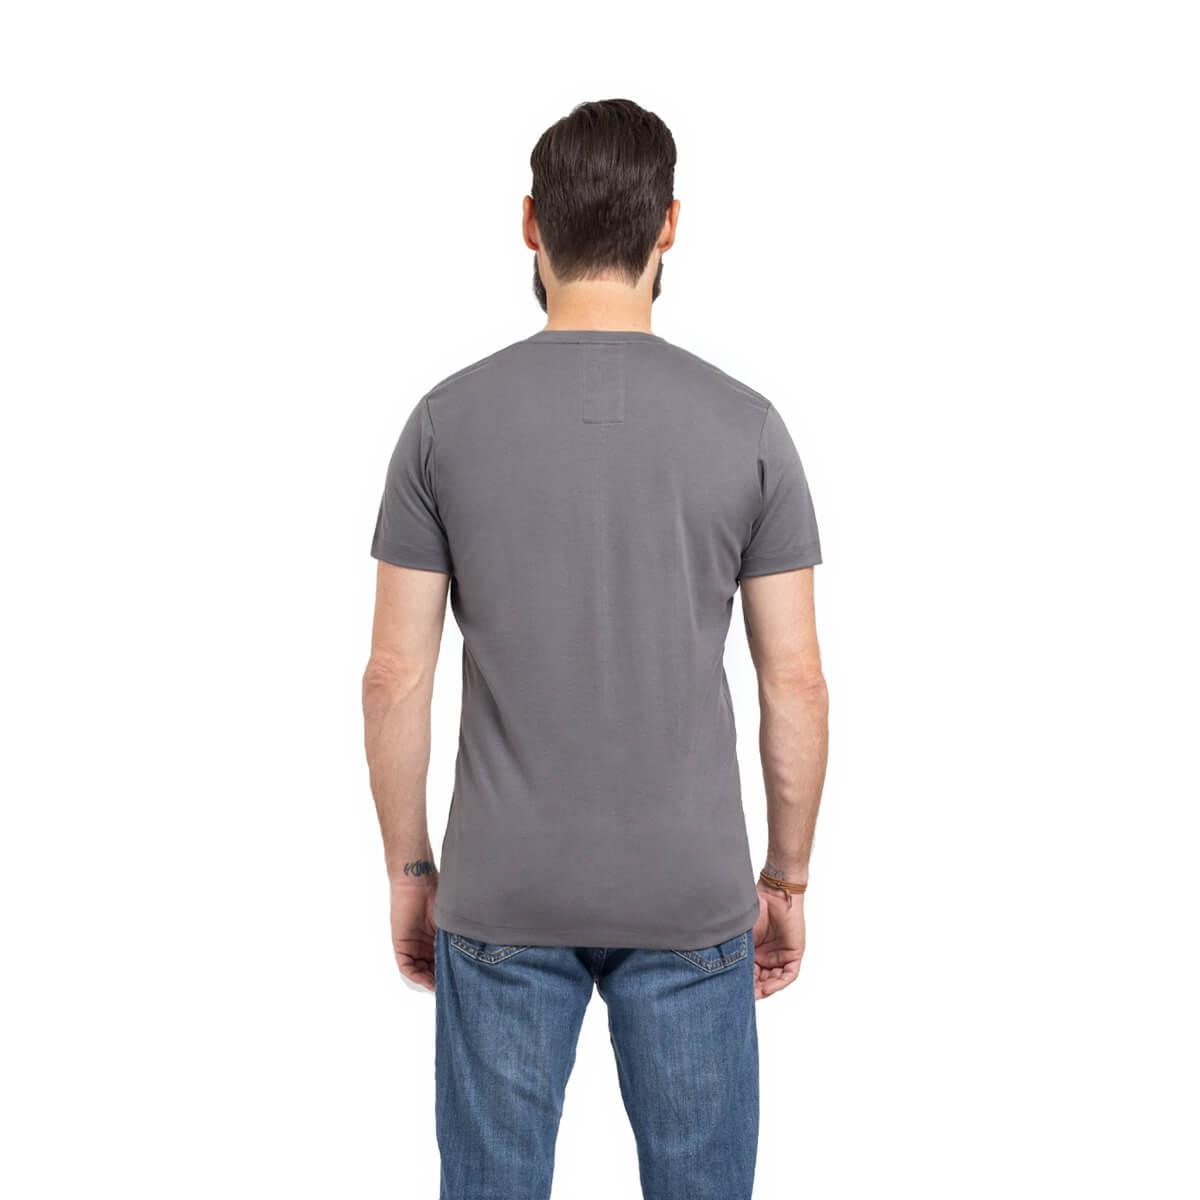 Franela esencial cuello redondo gris hombre espalda